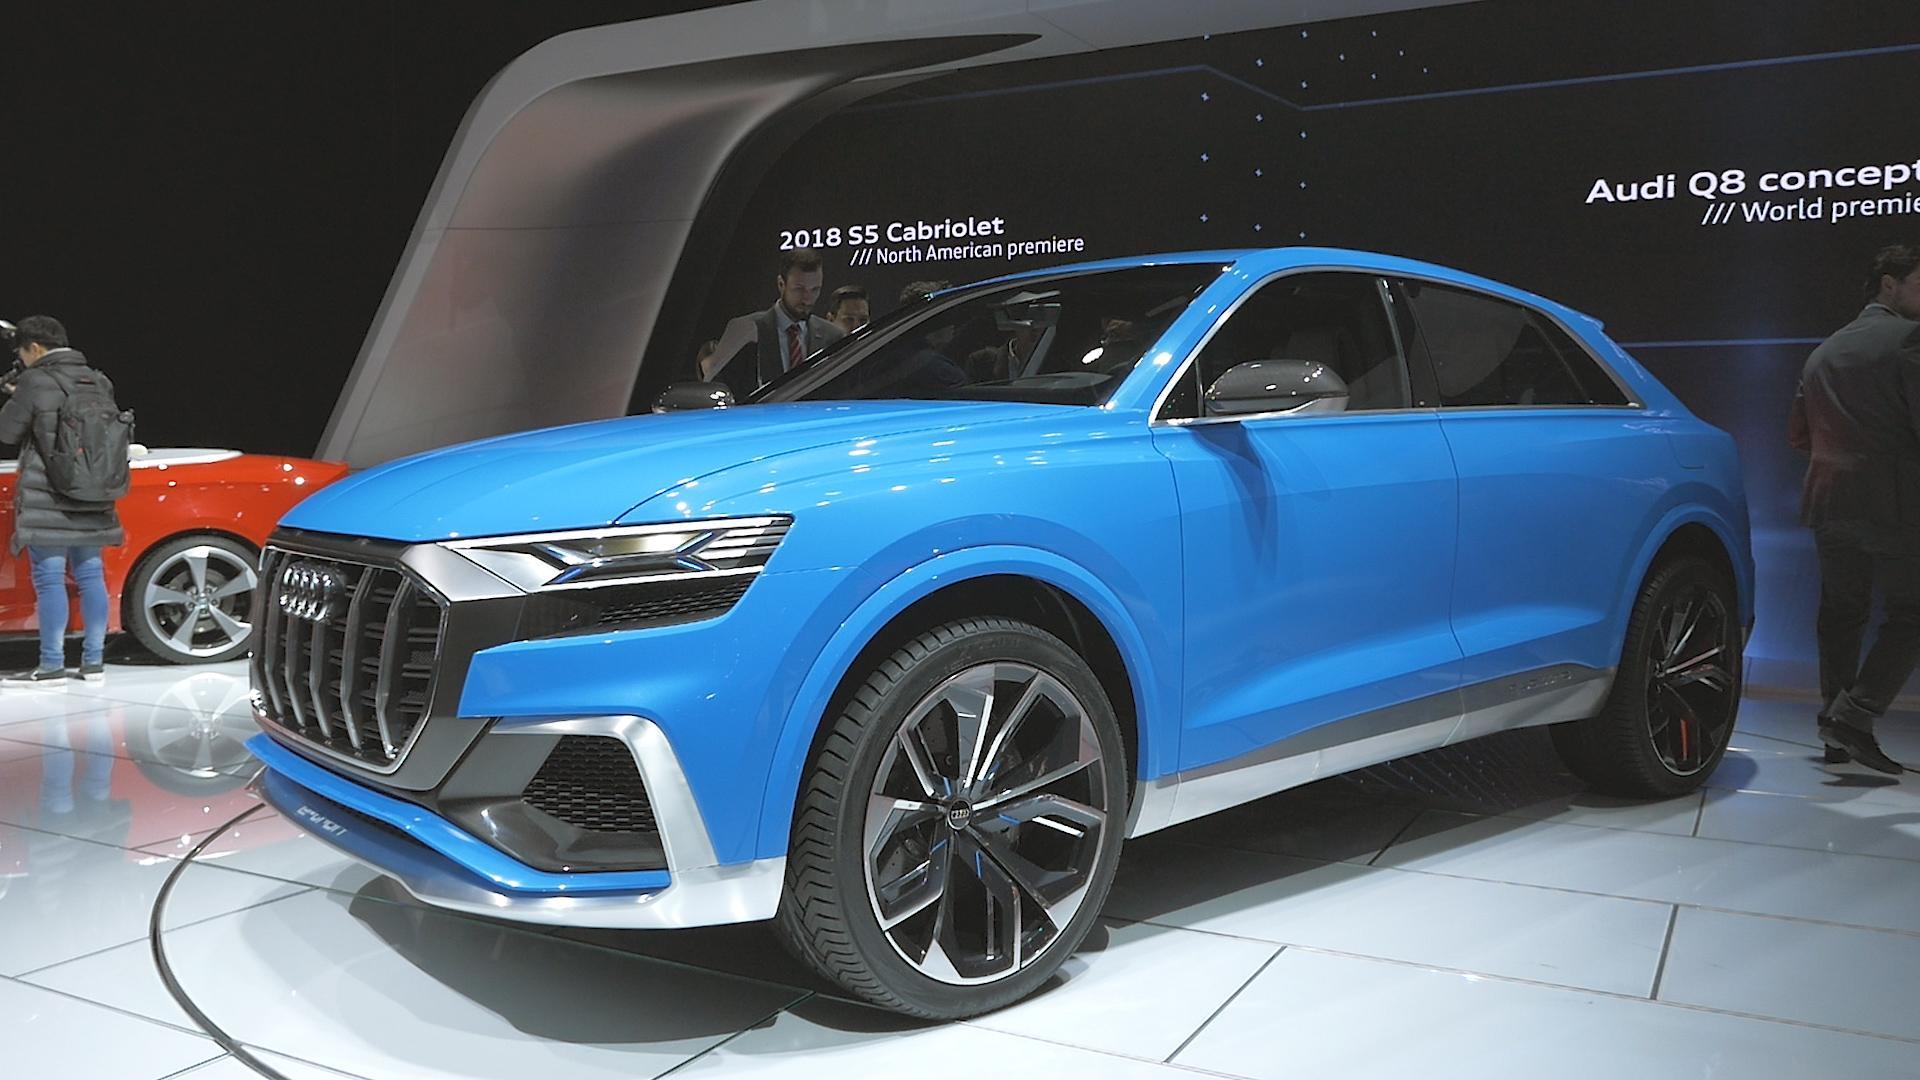 El nuevo Q4 de Audi llegará en 2019 y vendrá con toda la tecnología, diseño y potencia para competir con sus fuertes rivales en el segmento SUV de los compactos.